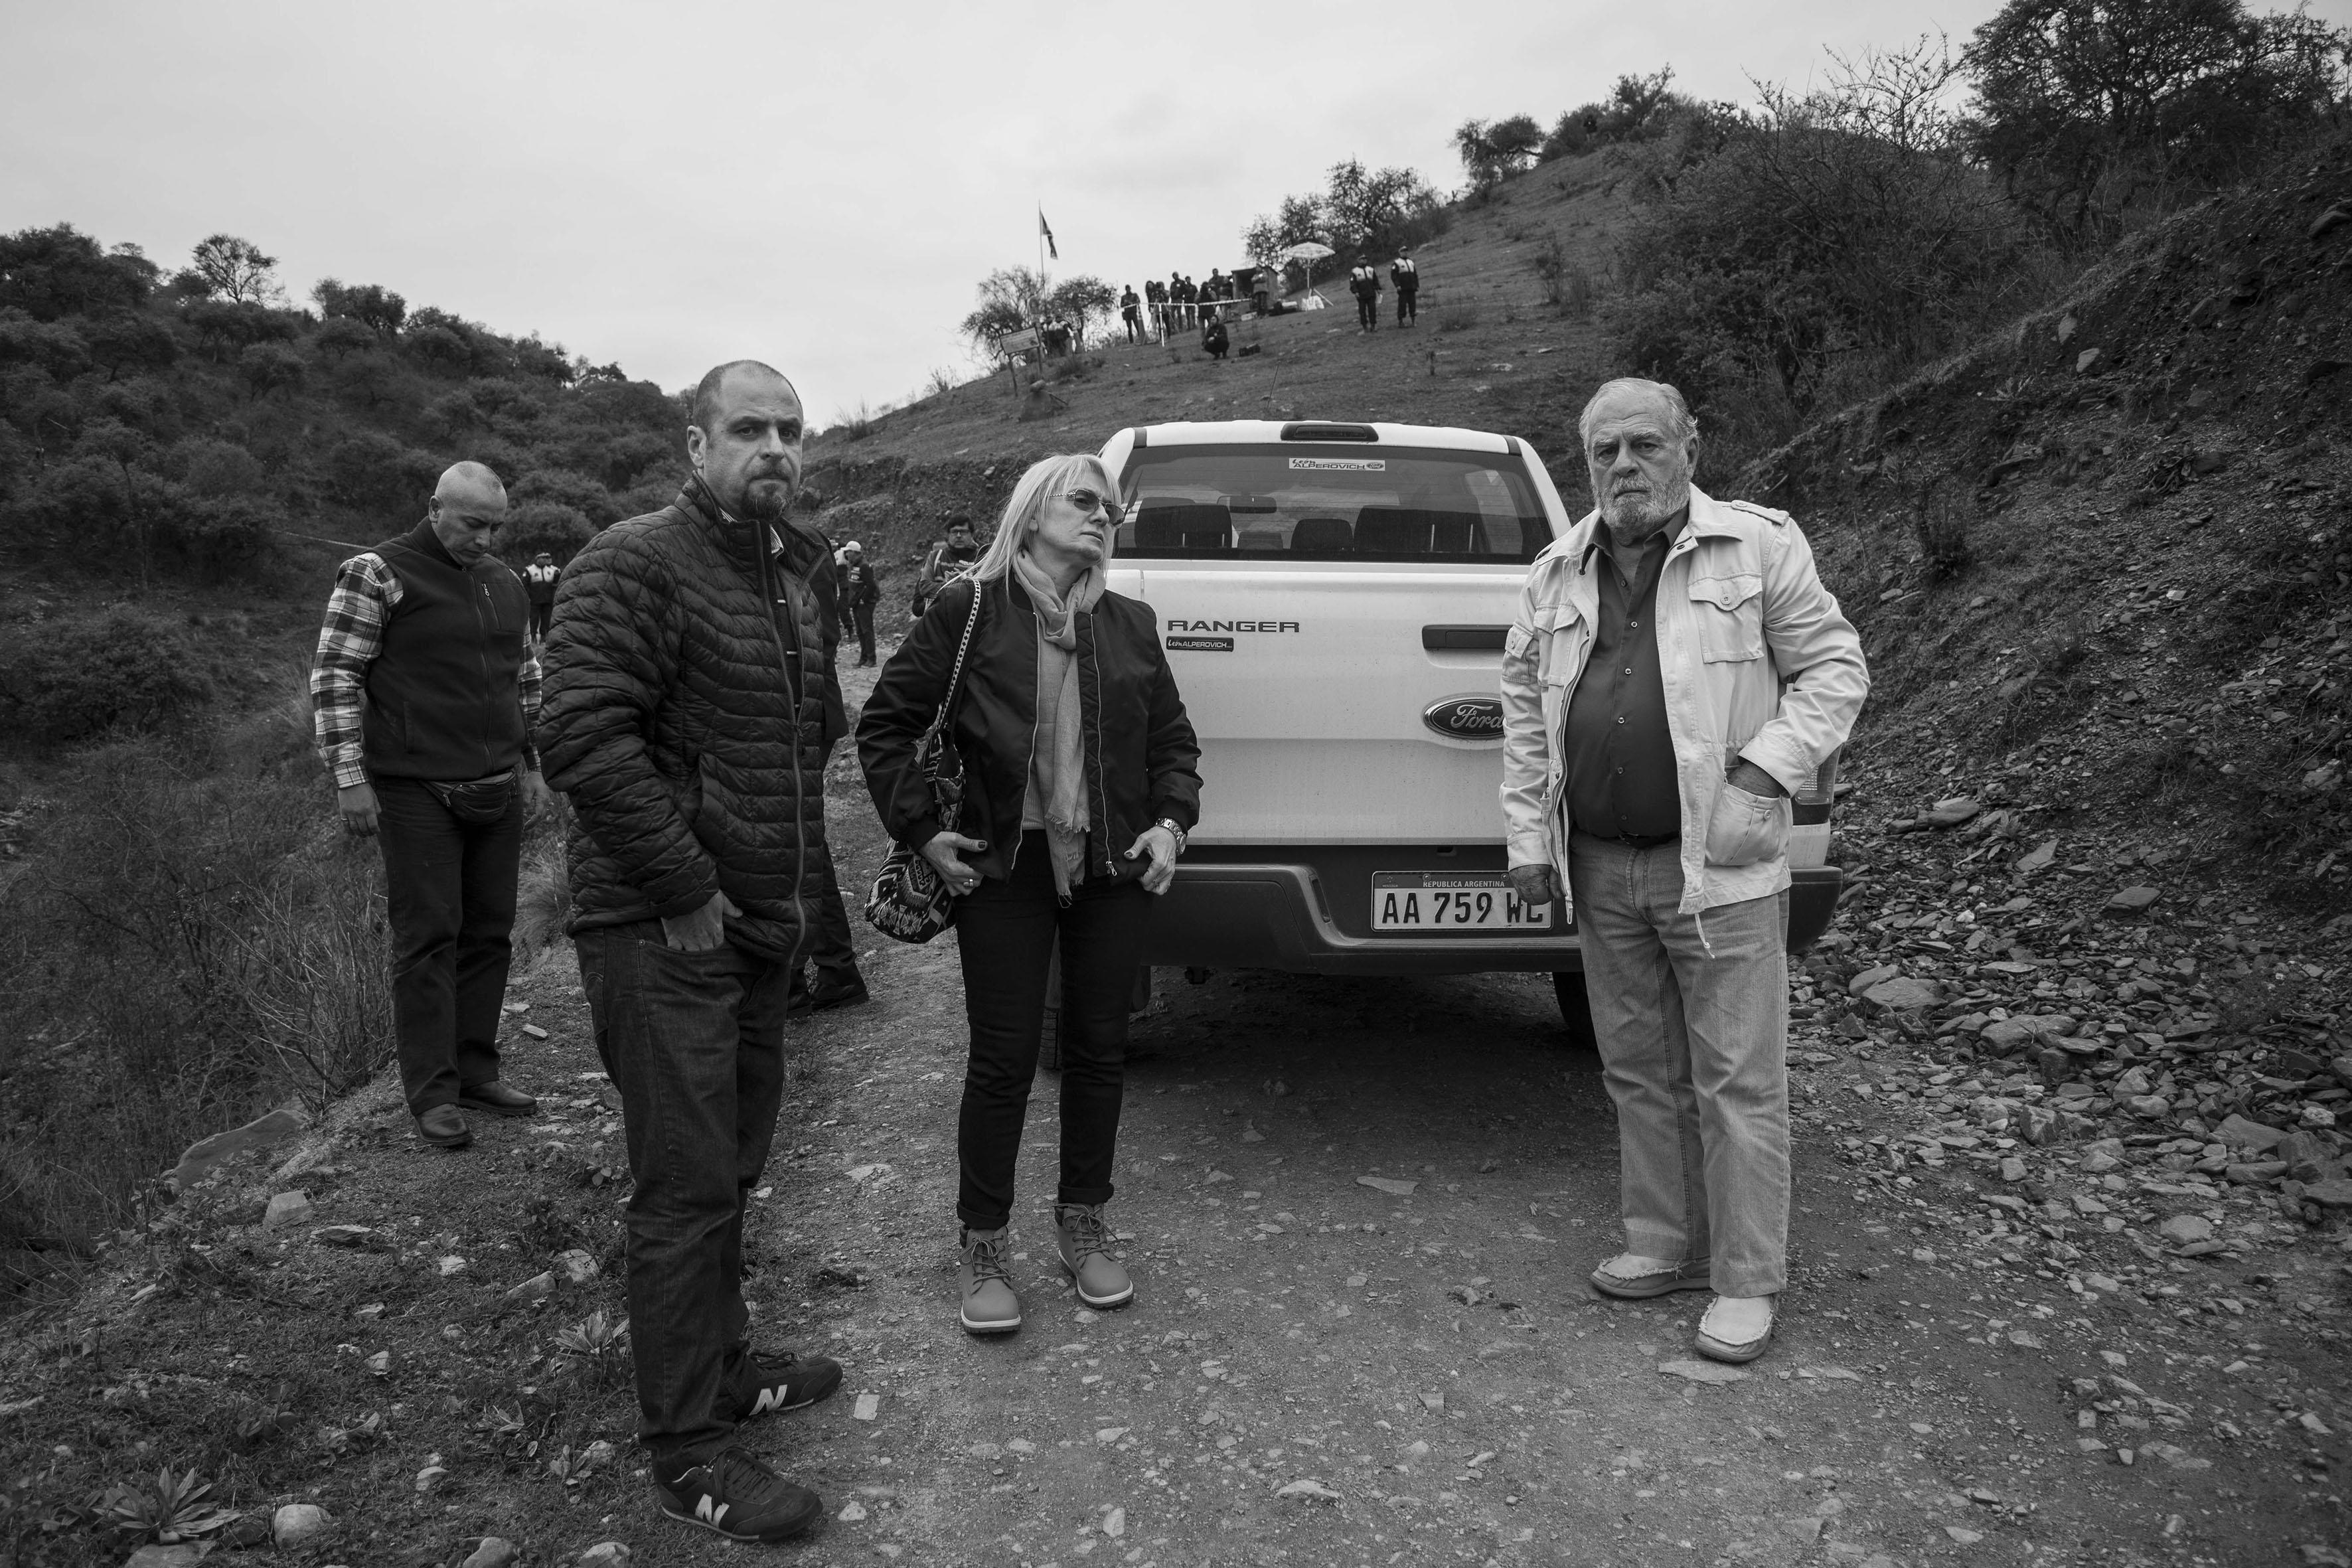 El Chorro, Tucumán, Argentina. Octubre 02/2018. Reconstrucción del asesinato a Javier Chocobar. Jueces Gustavo A S. Romagnoli (izq), Wendy Adela Kassar (Presidenta) y Emilio Paez de la Torre.